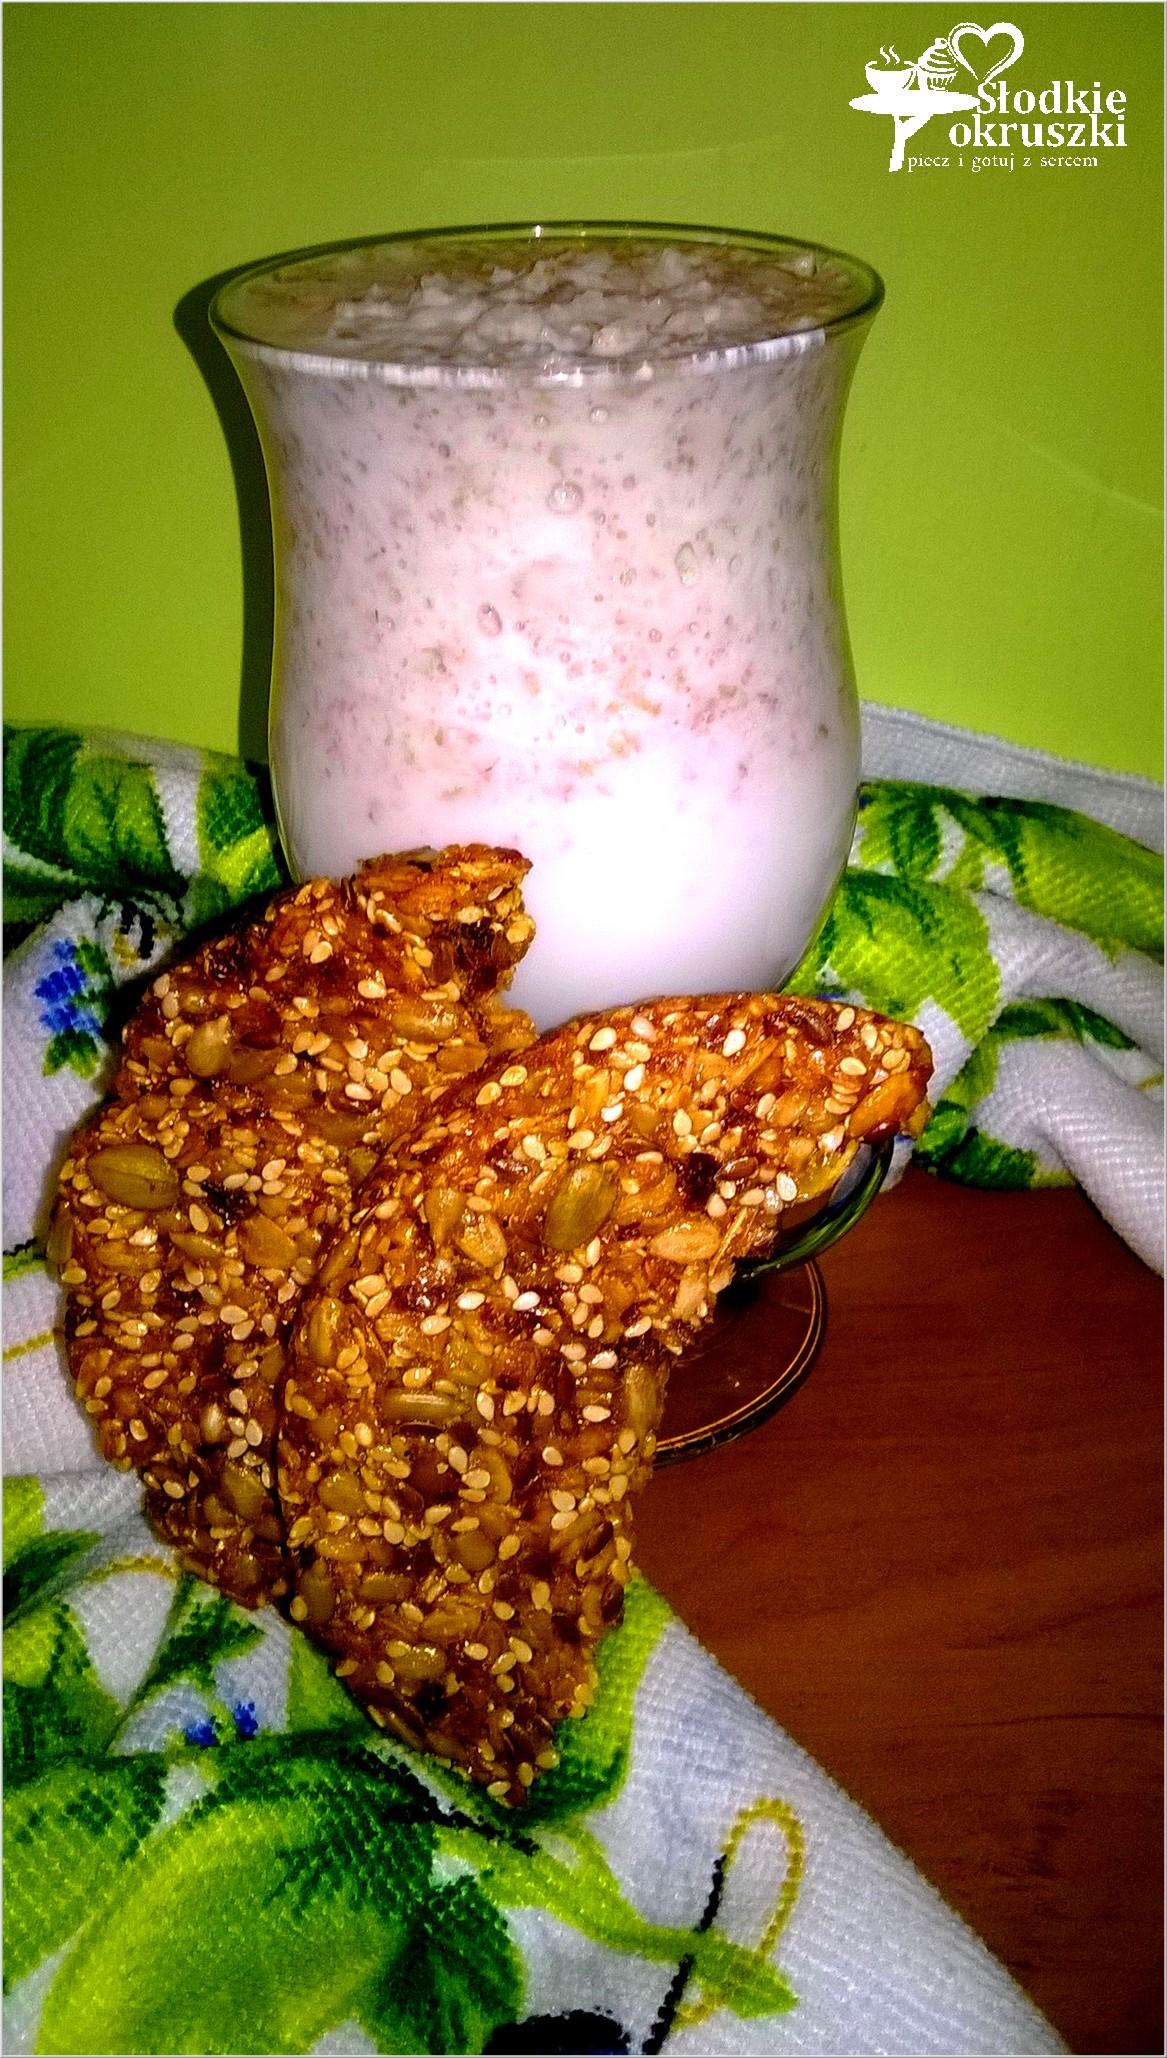 Delikatny koktajl gruszkowy z orkiszowymi otrębami i fit snack